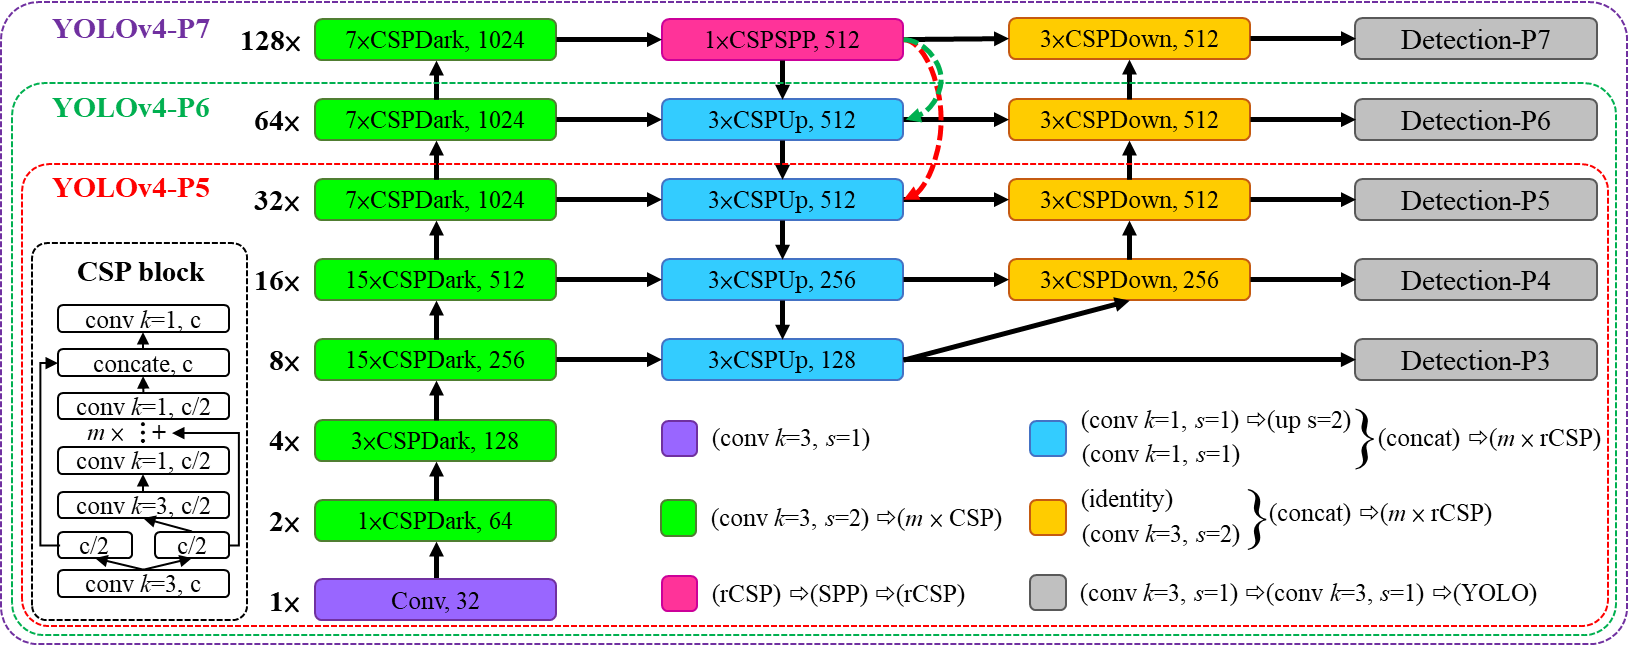 Scaled YOLO v4 самая лучшая нейронная сеть для обнаружения объектов на датасете MS COCO - 4